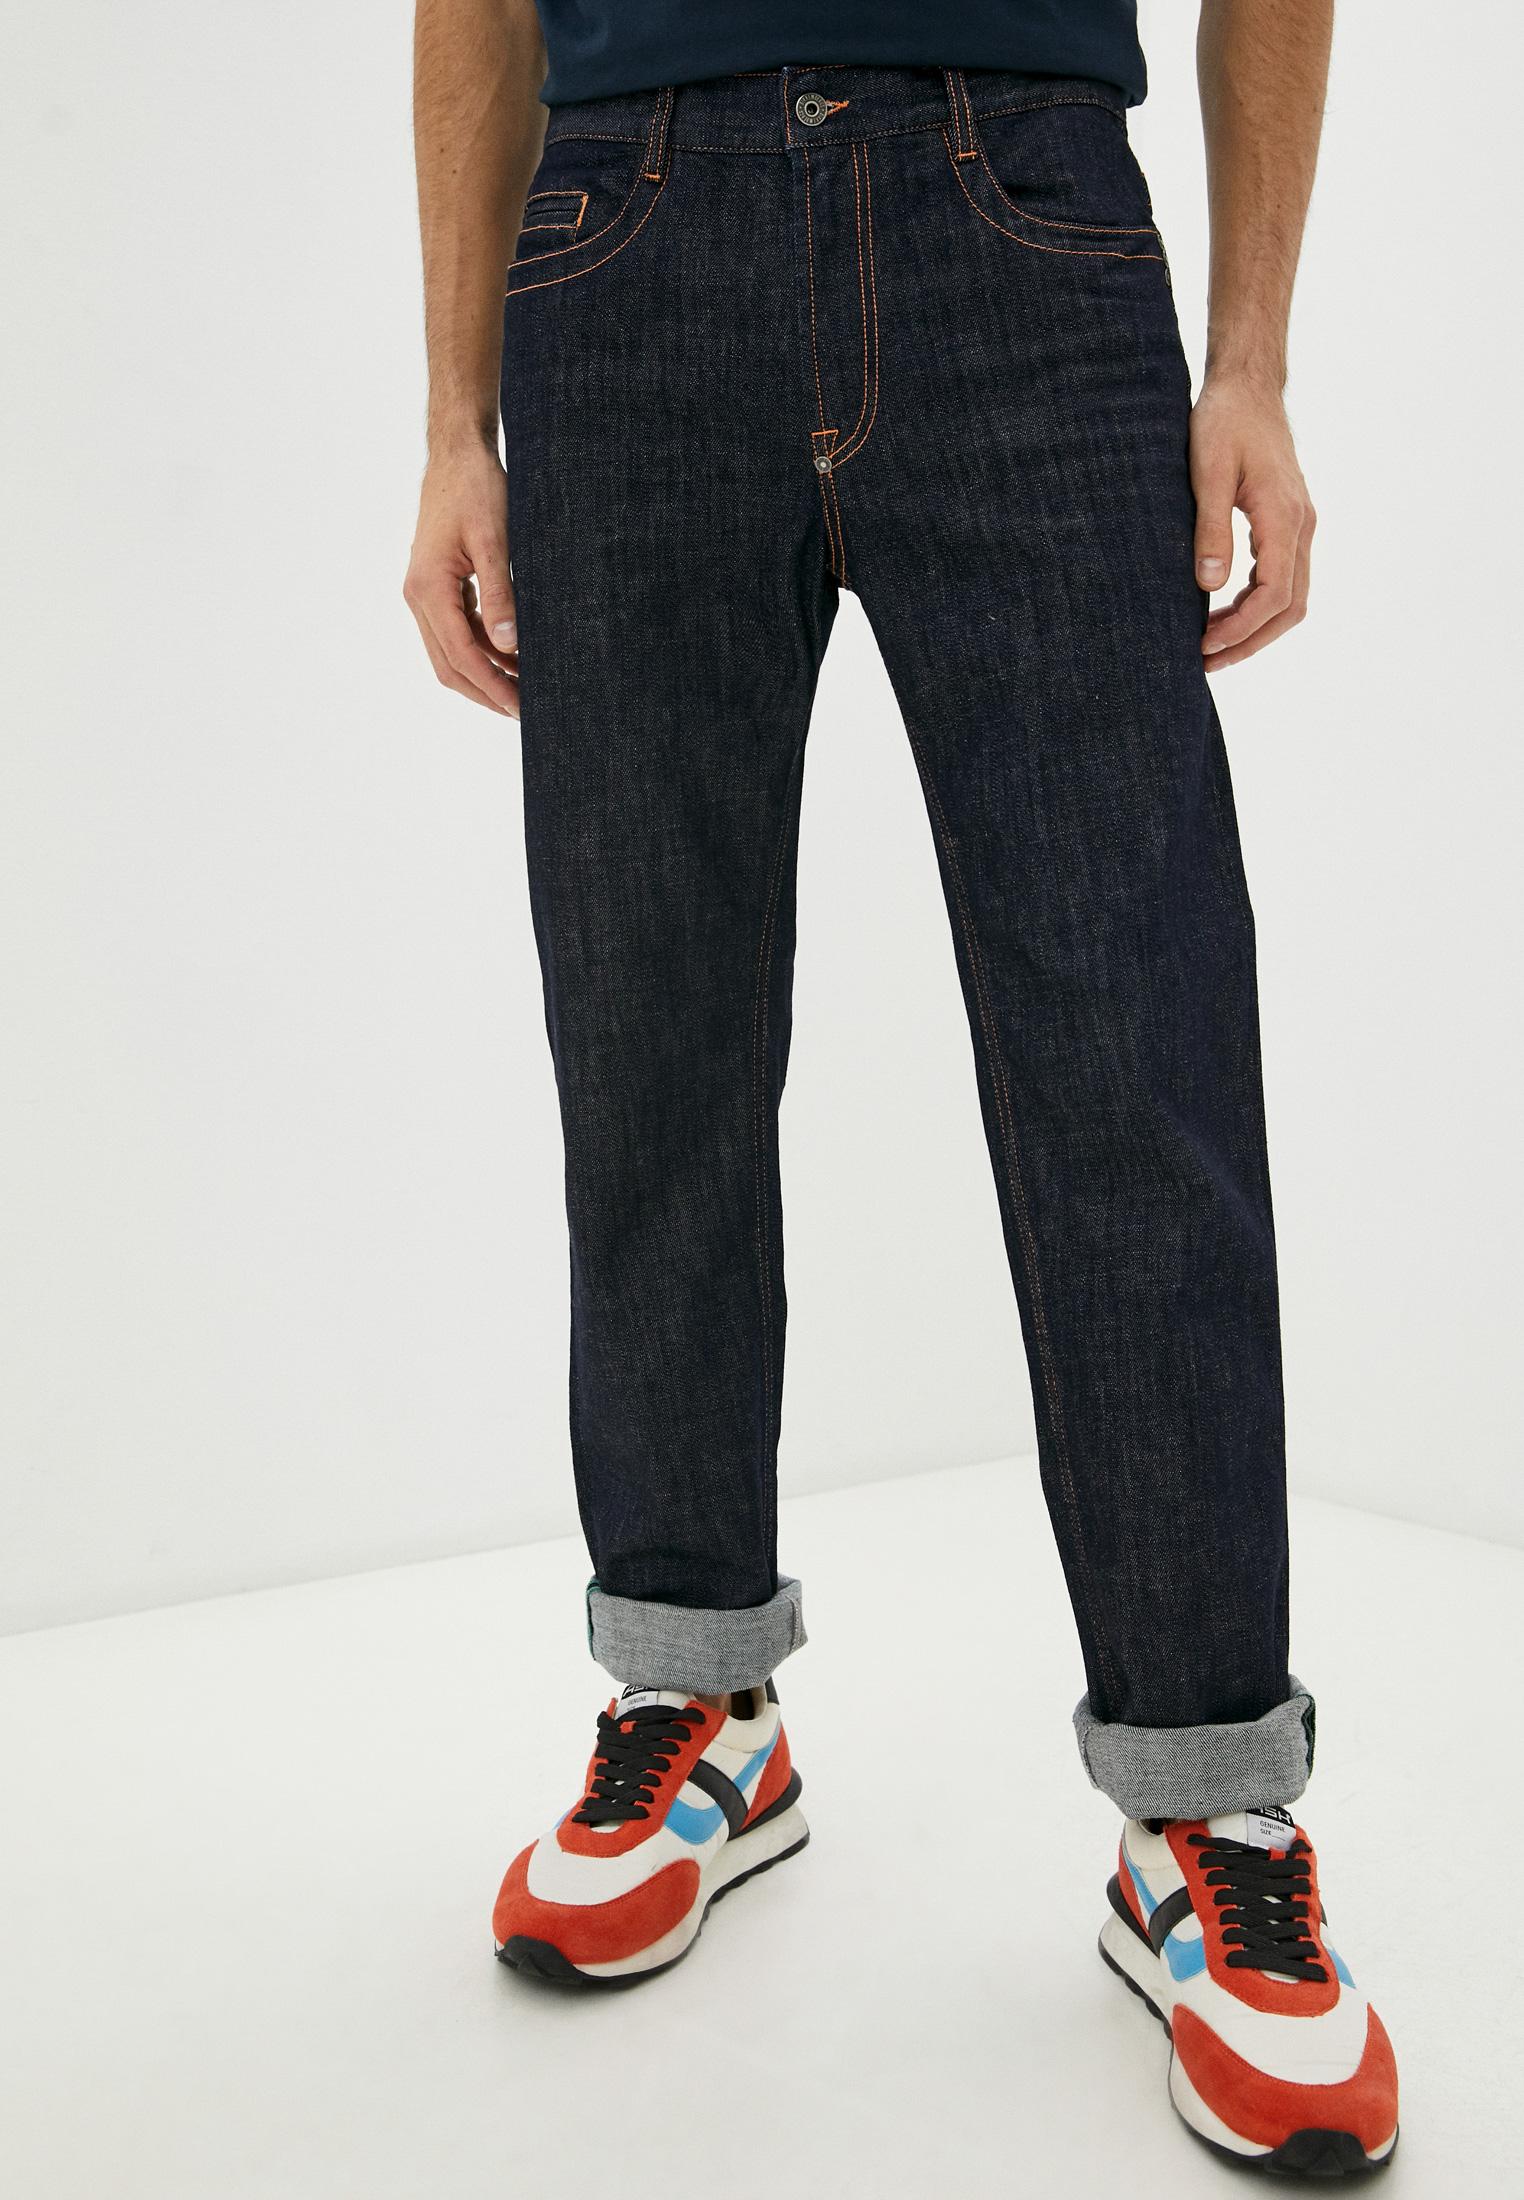 Мужские прямые джинсы Bikkembergs (Биккембергс) C Q 102 03 S 3393: изображение 16